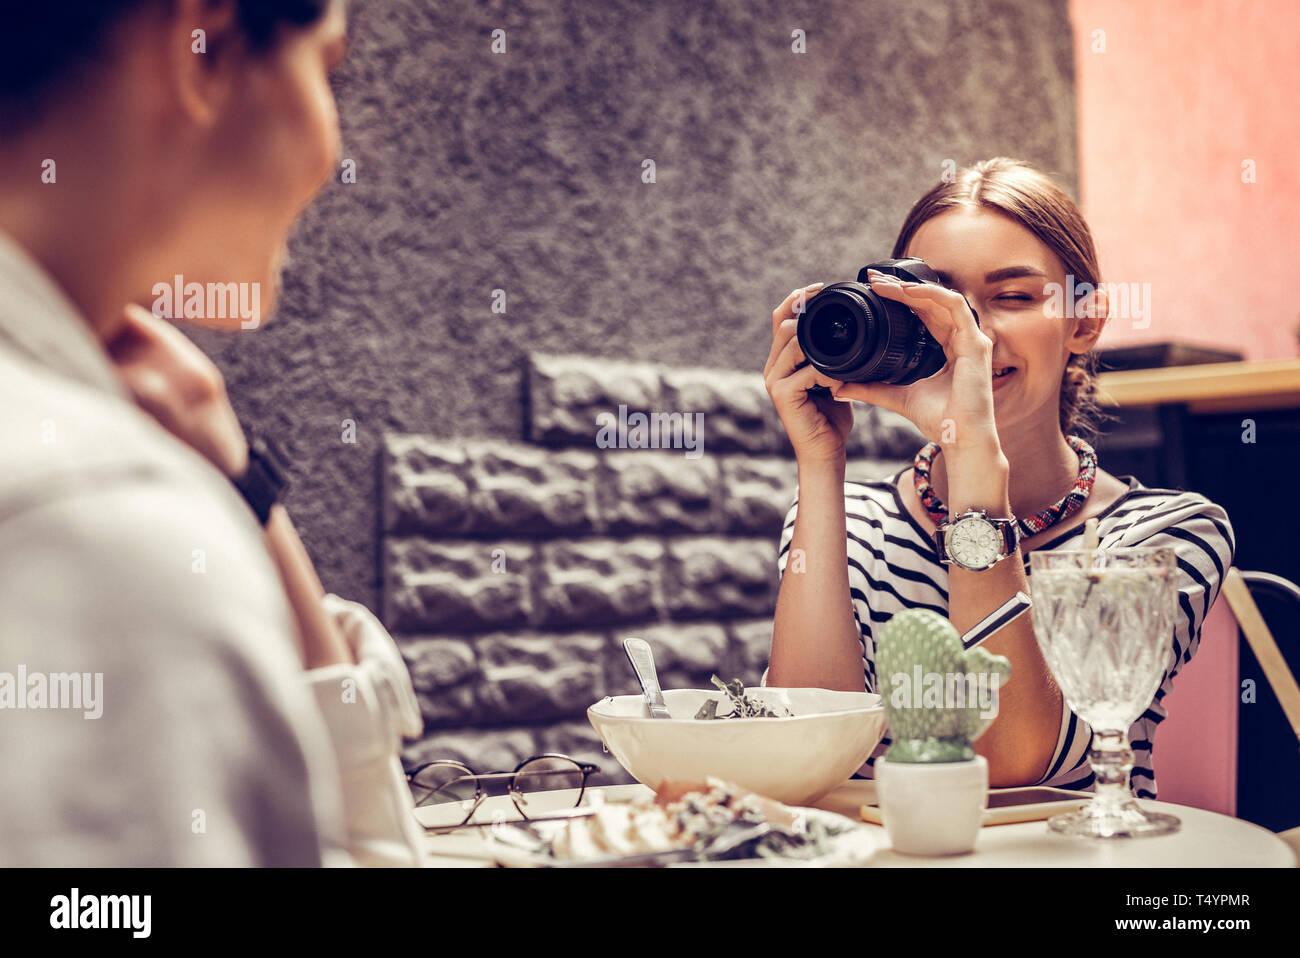 Freudige freundliche Frau schaut in die Kamera Stockbild